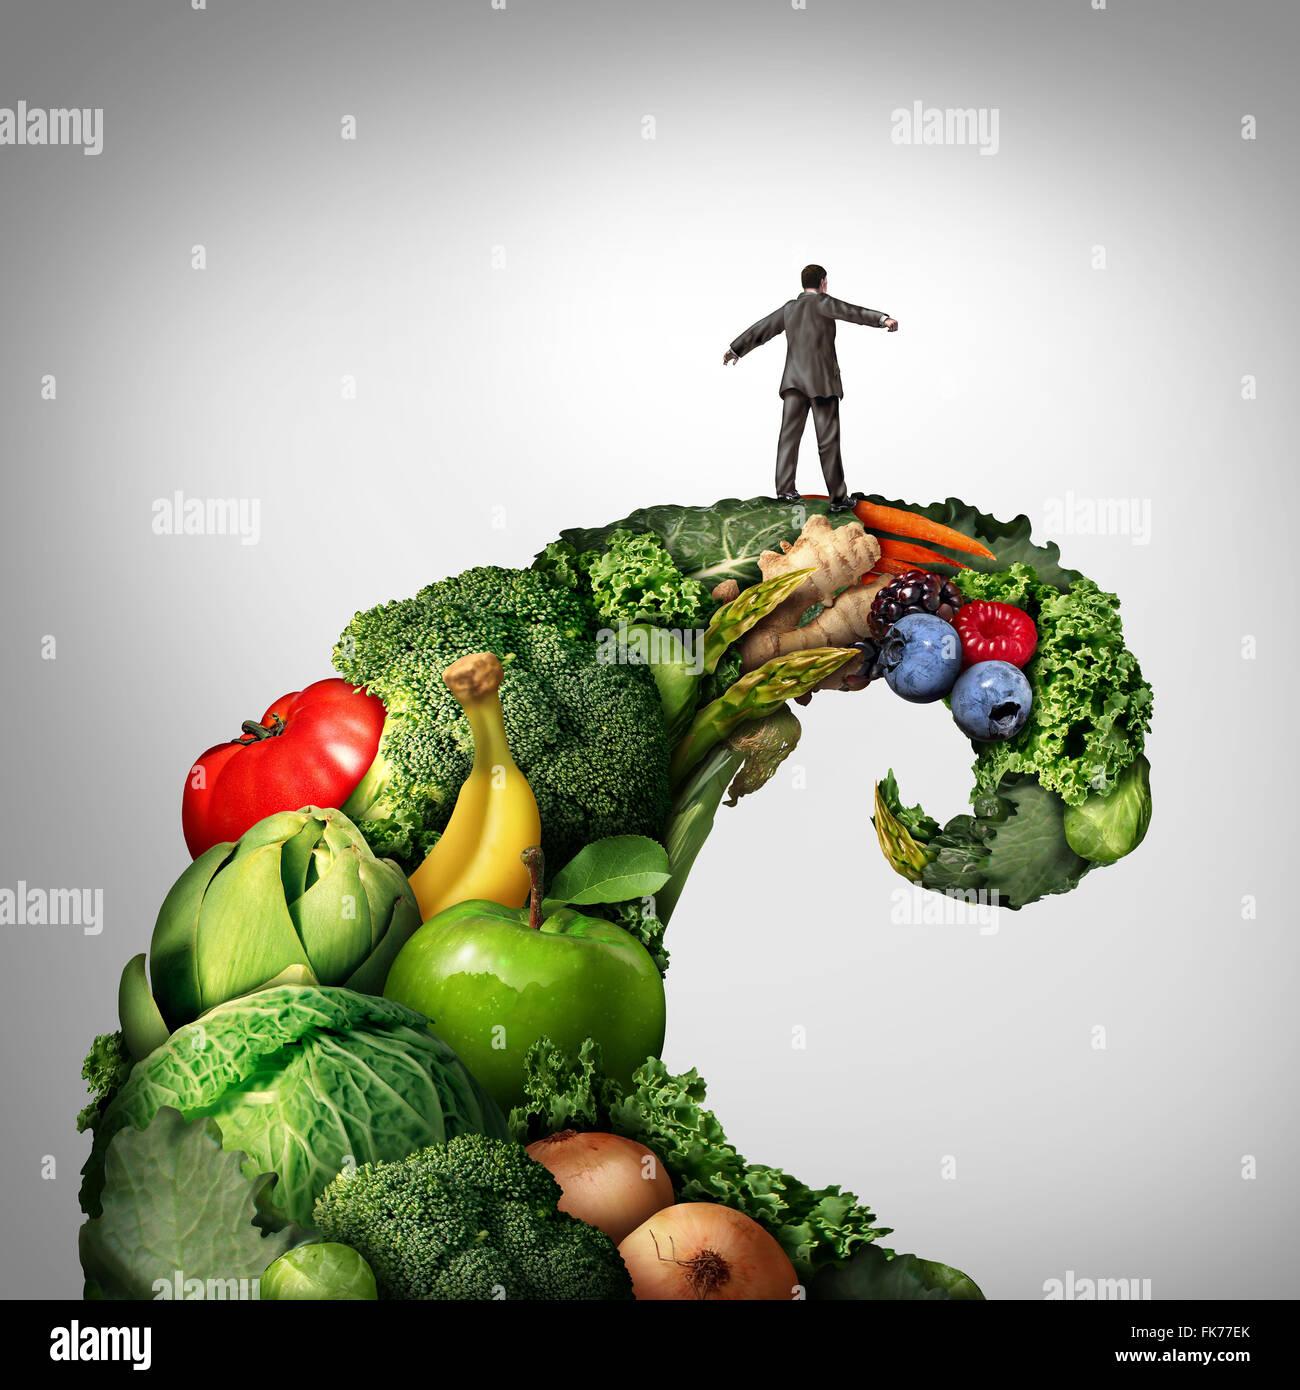 Mouvement de la vie en bonne santé qu'une personne sur le dessus d'un groupe de légumes et de fruits en forme de Banque D'Images